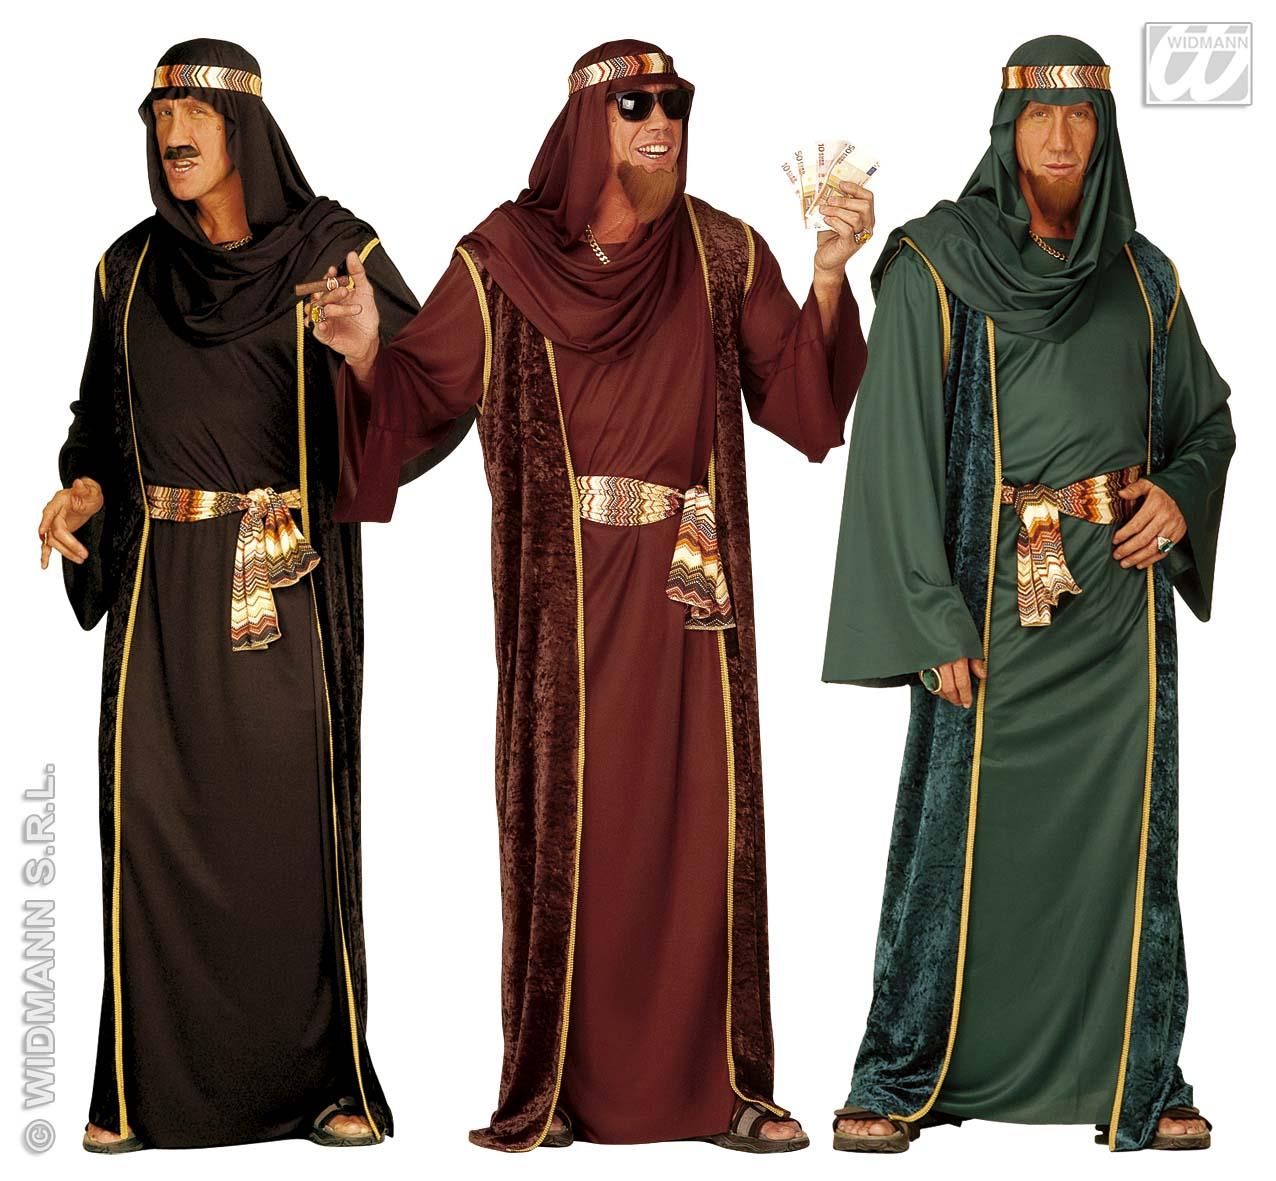 Araber Kostüm, Öl Scheich, Karneval, Motto schwarz, grün, braun Gr. M